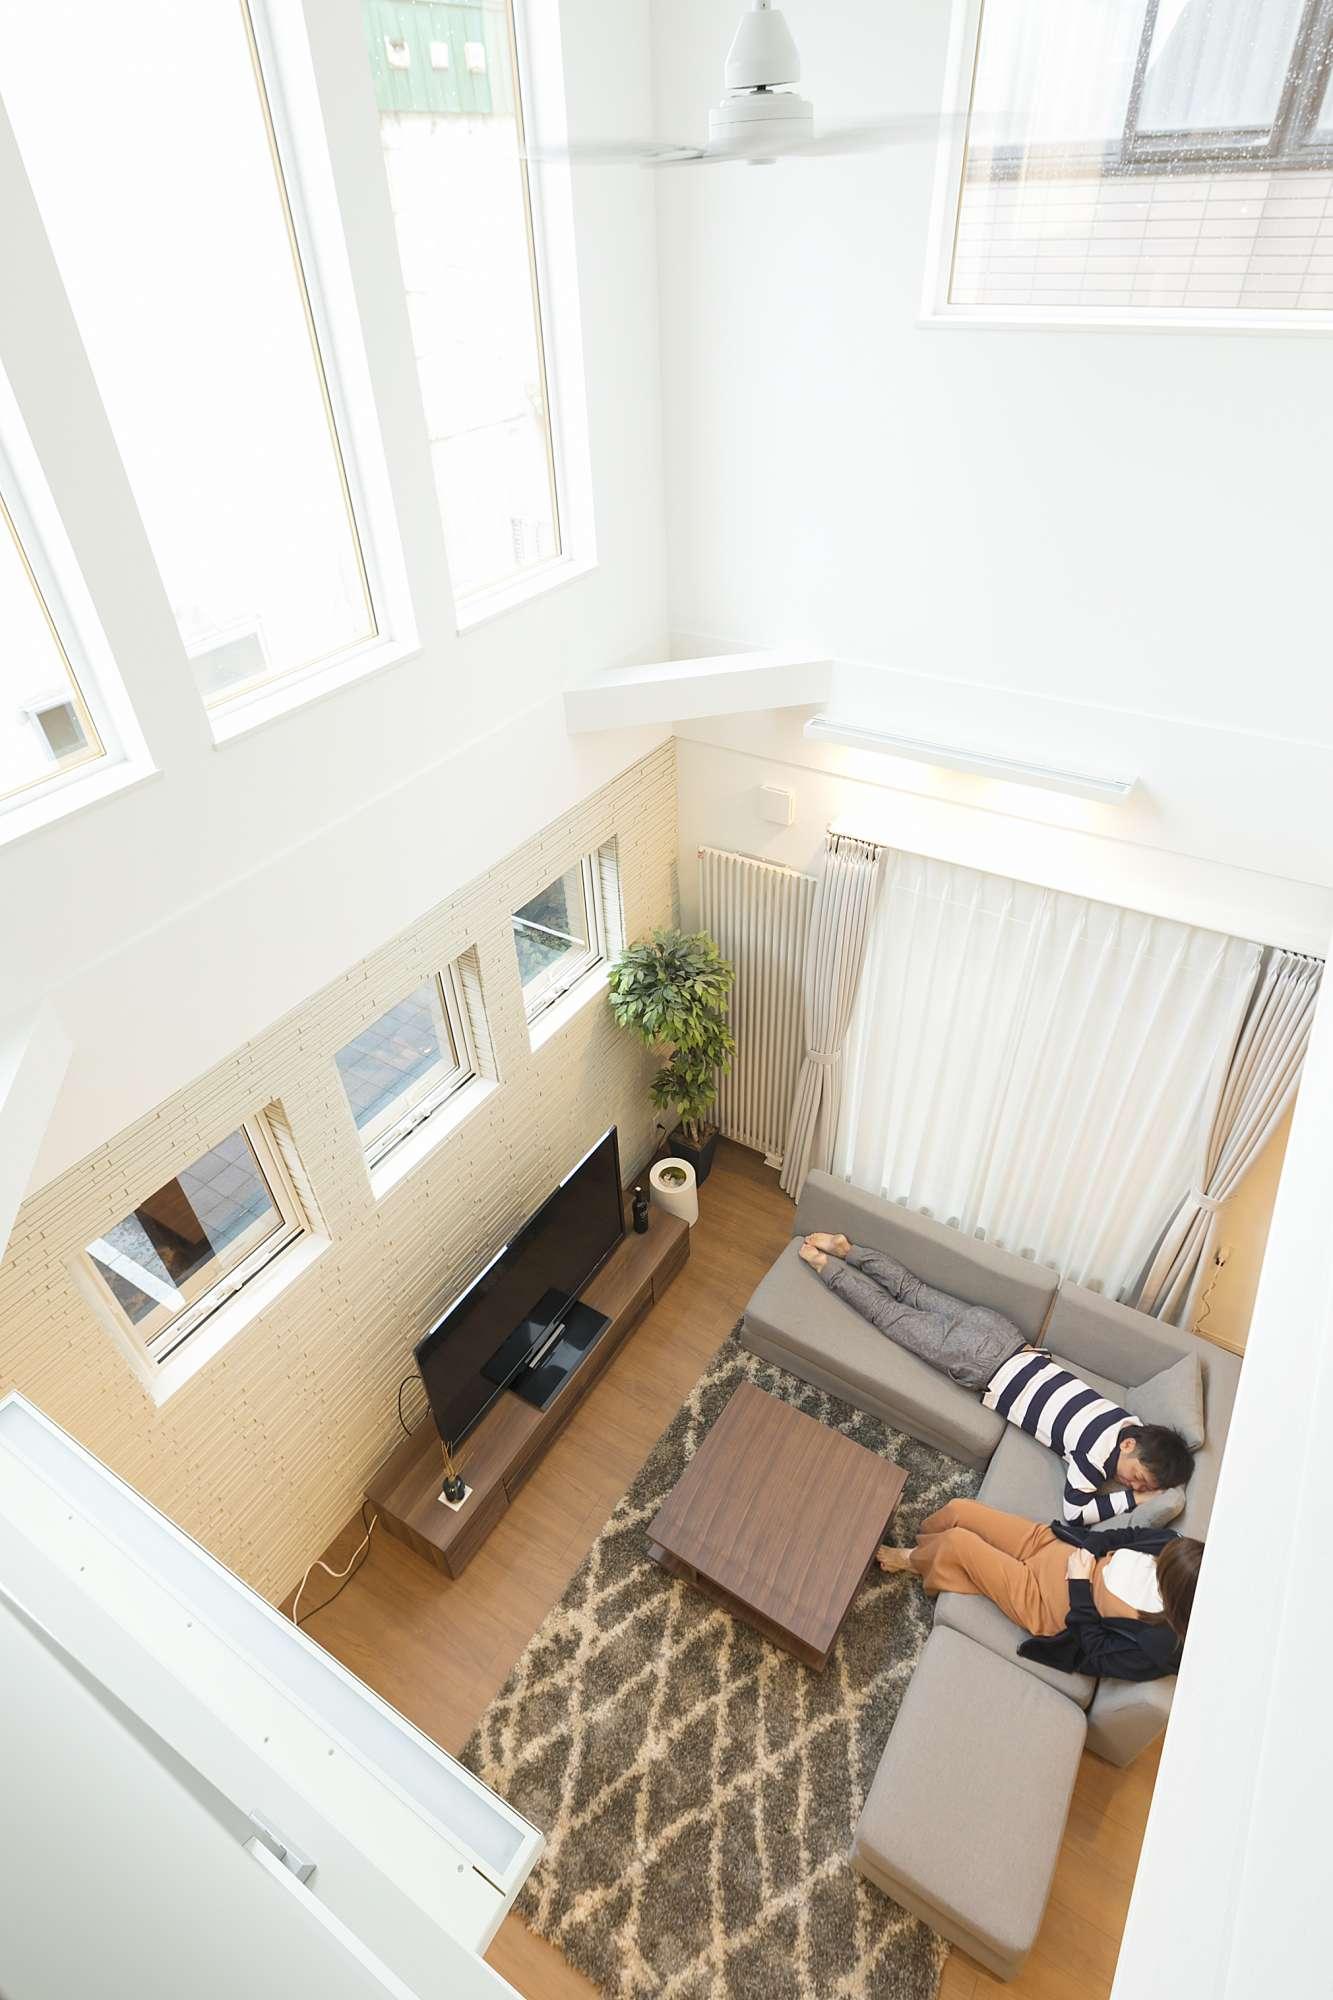 2階から1階を見る - 高い位置に連続する大きな窓が、外にいるような開放感をつくります。 -  -